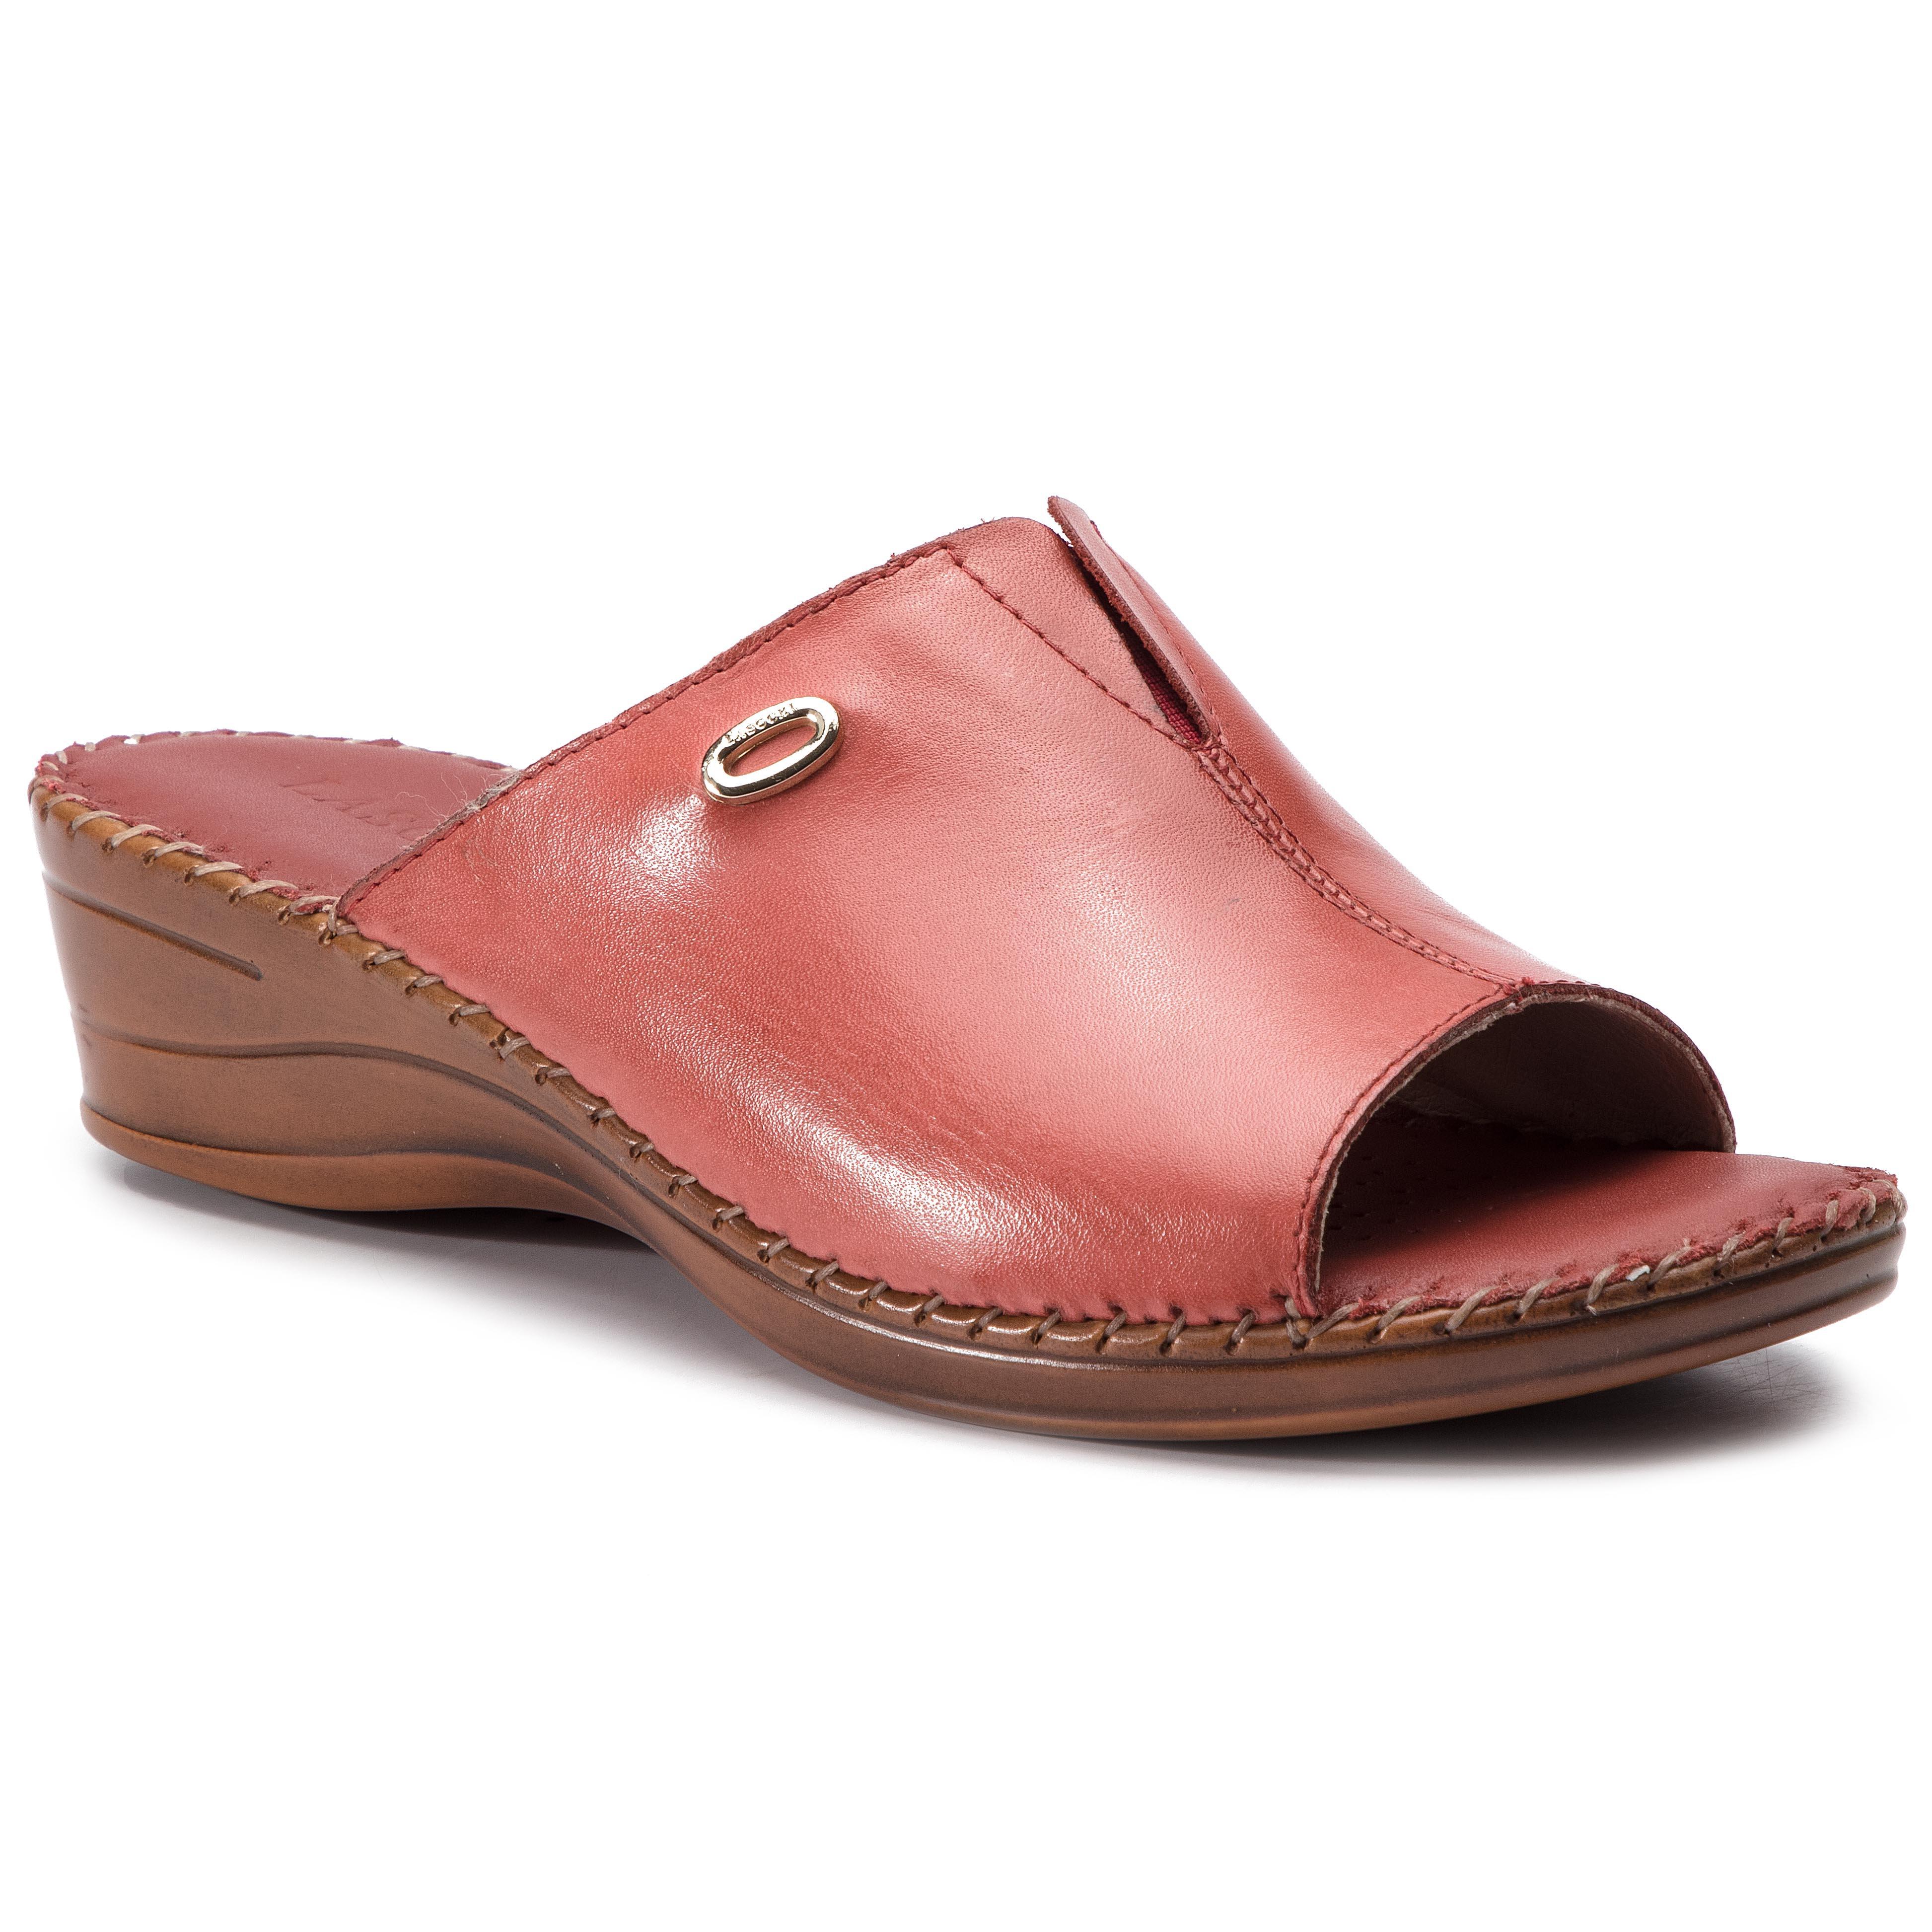 ed0e4900ca papuče Lasocki ARC-ARCO-01 červená Dámske - Topánky - Šľapky -  https   ccc.eu